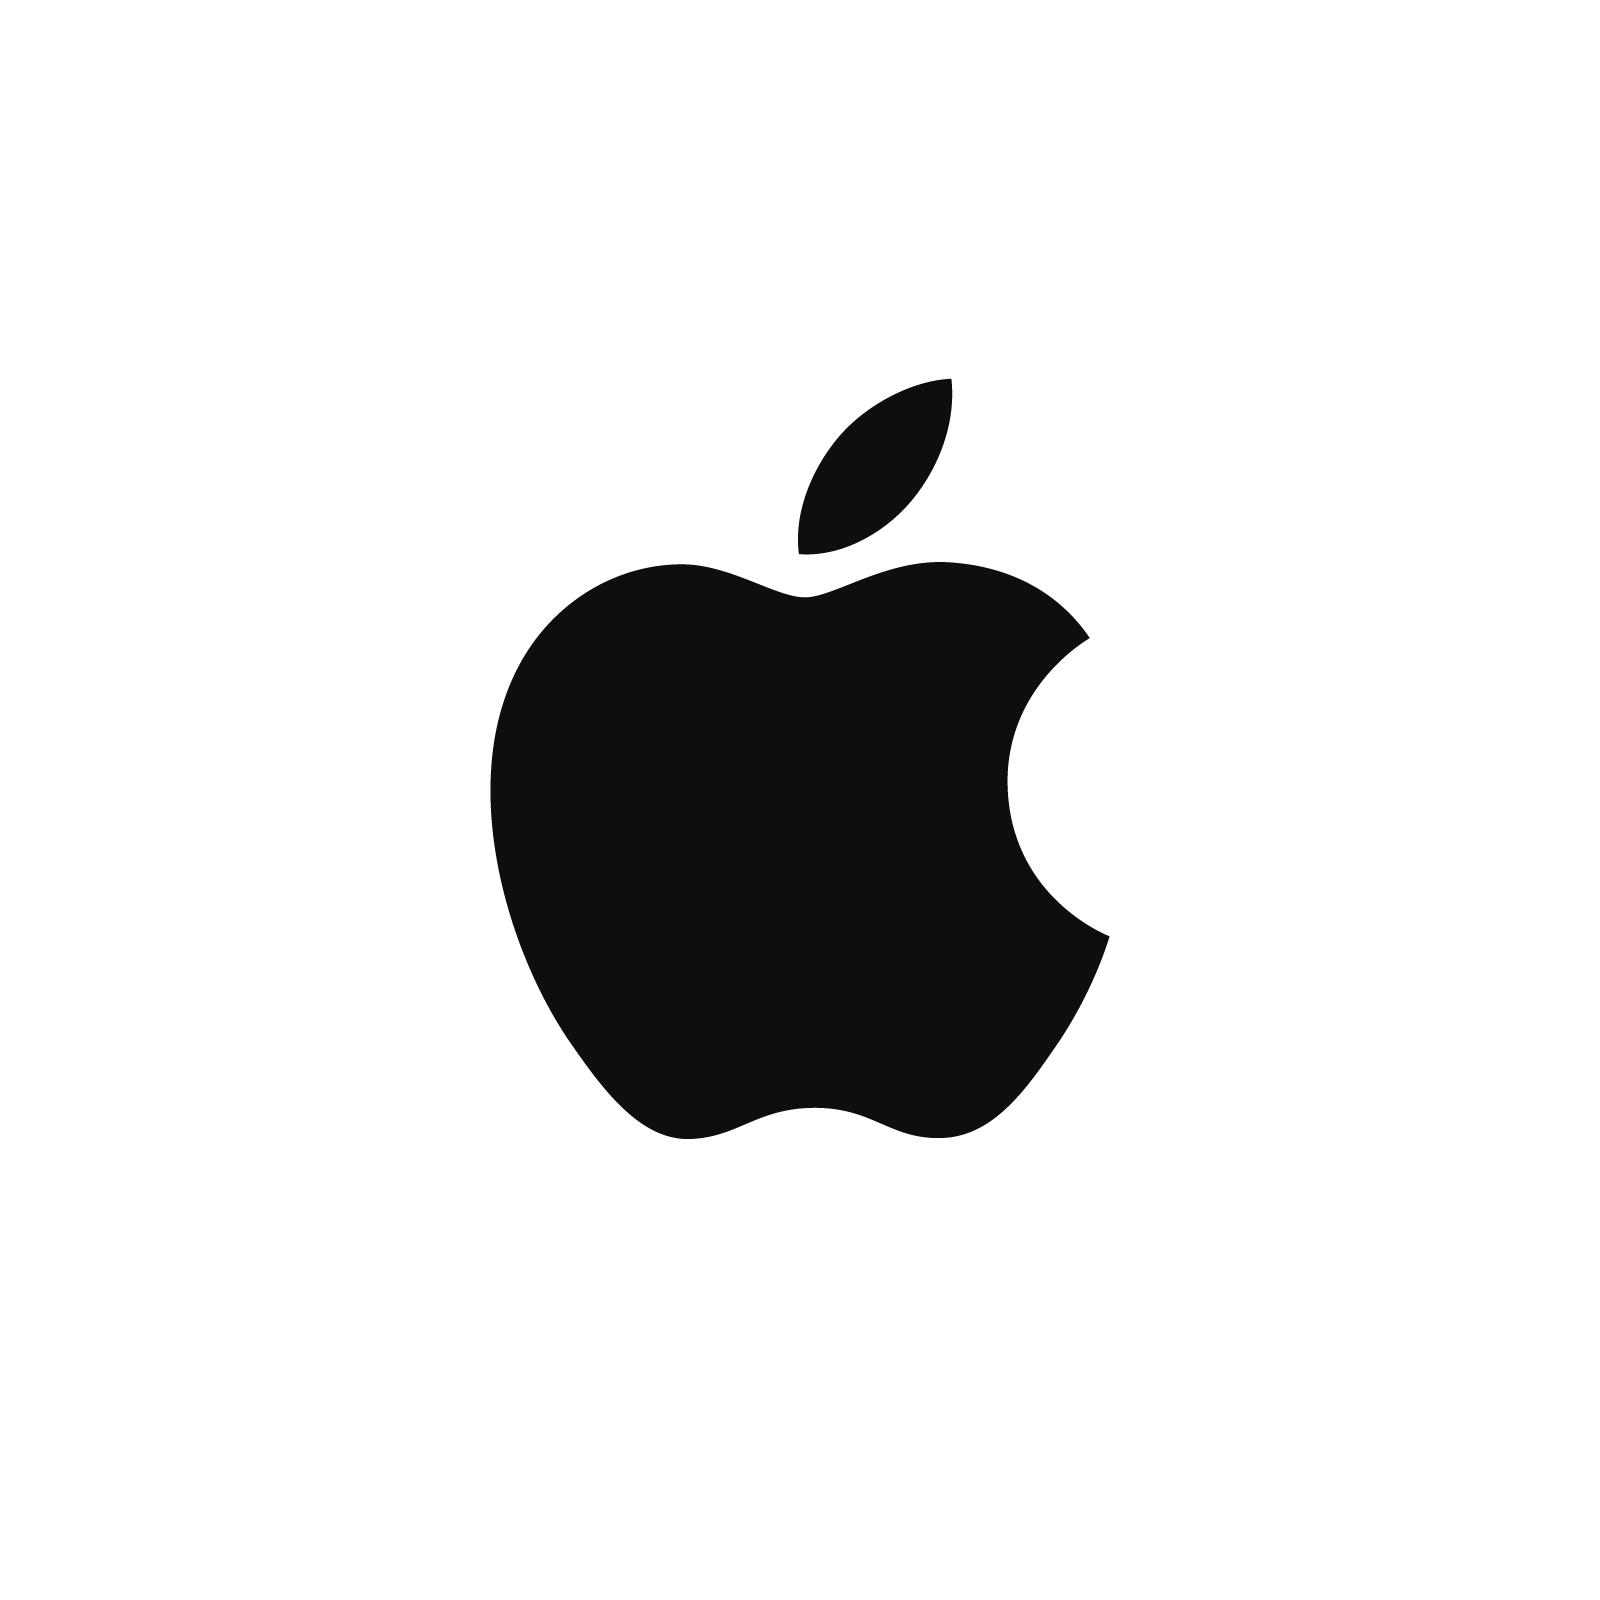 外媒:苹果收购了AI初创公司Vilynx